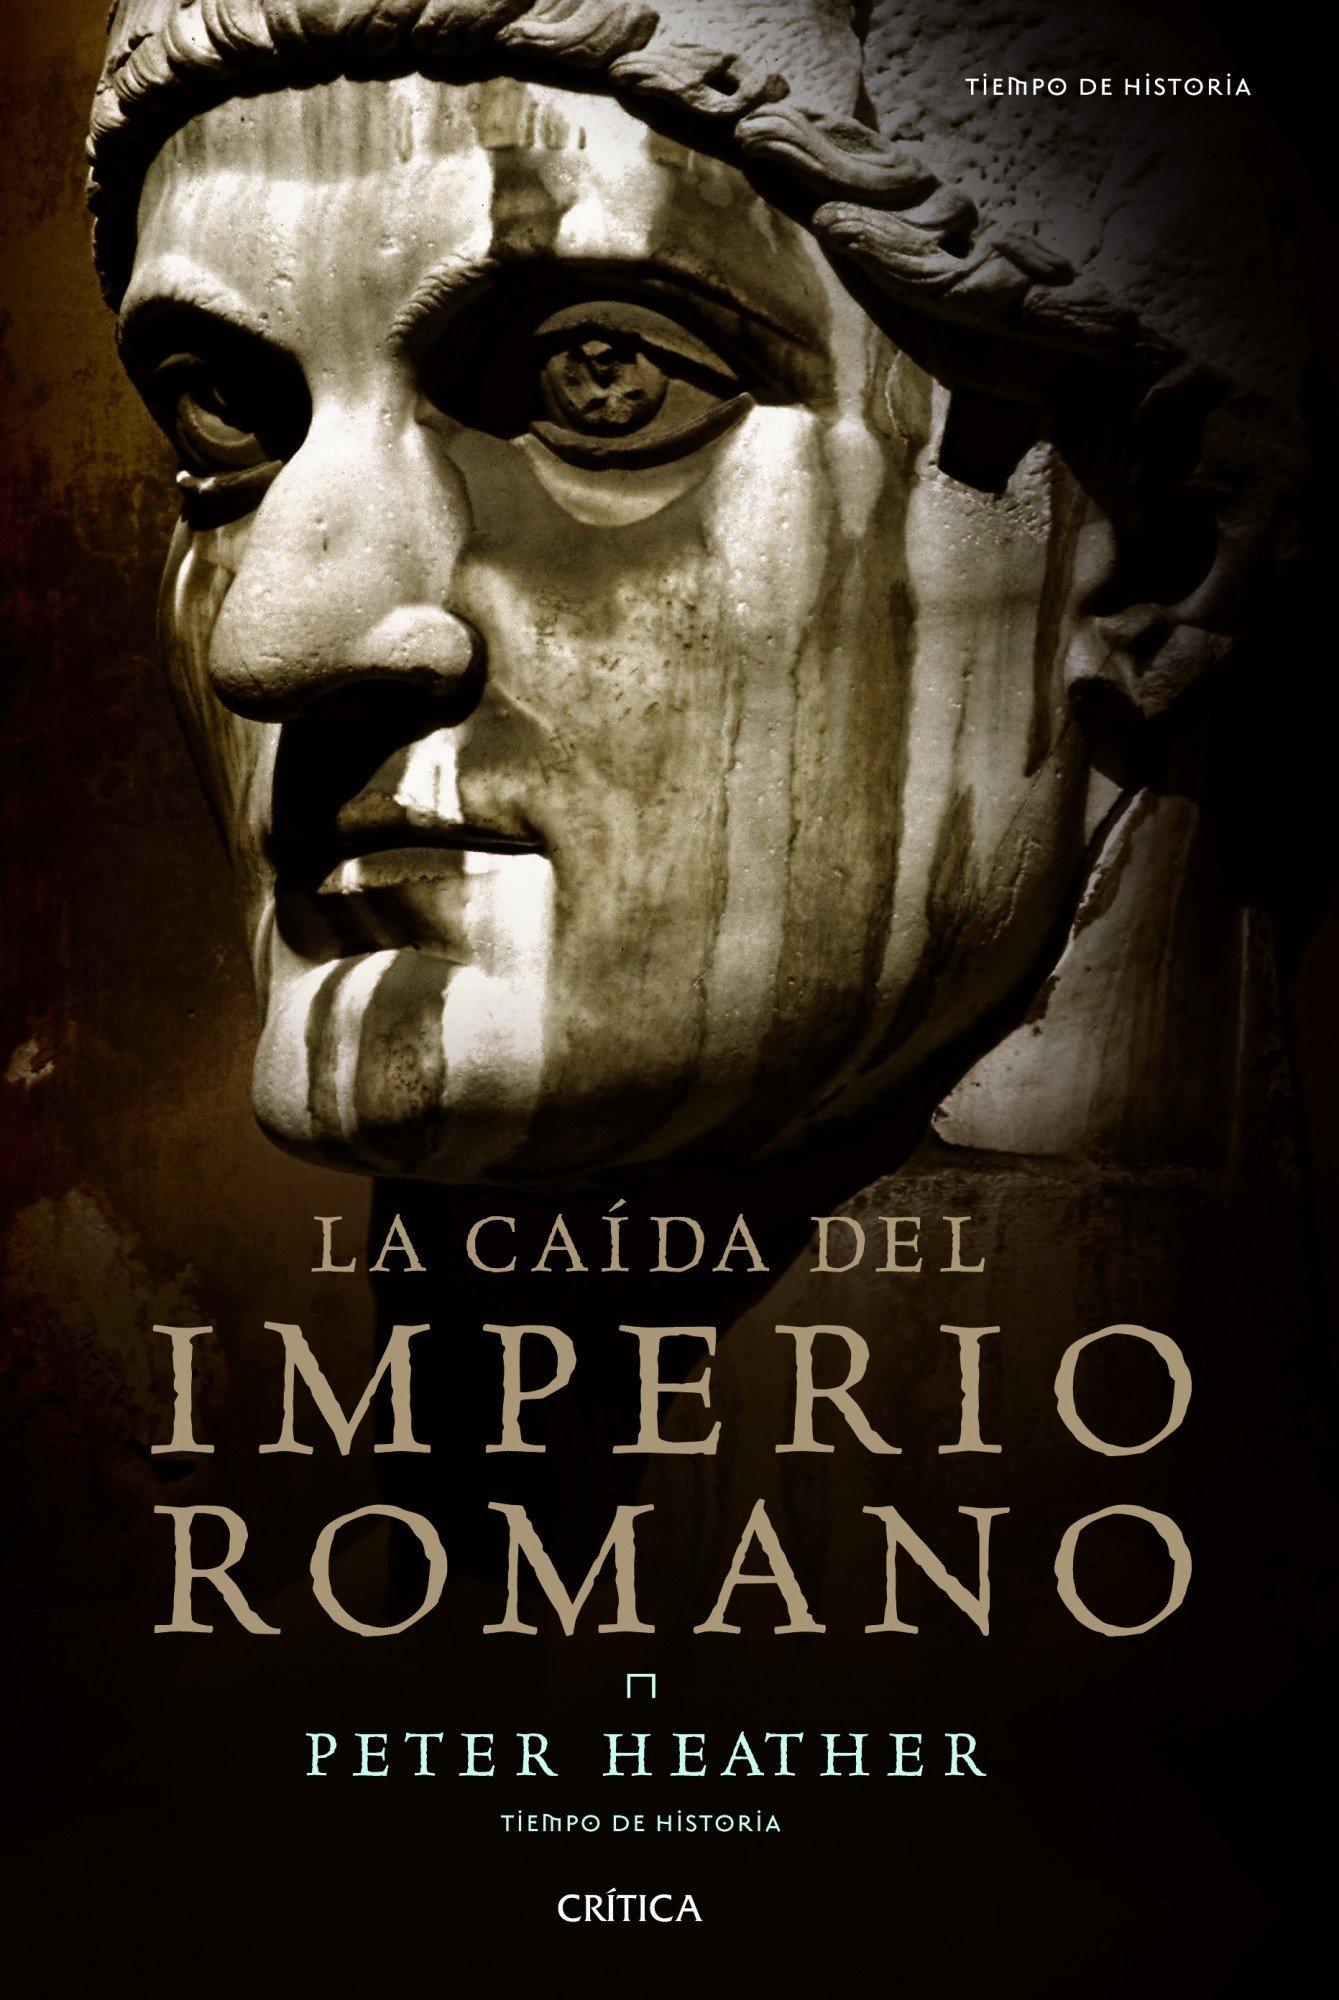 La caída del imperio romano (Tiempo de Historia) Tapa blanda – 1 ene 1999 Peter Heather Tomás Fernández Aúz Beatriz Eguibar Editorial Crítica